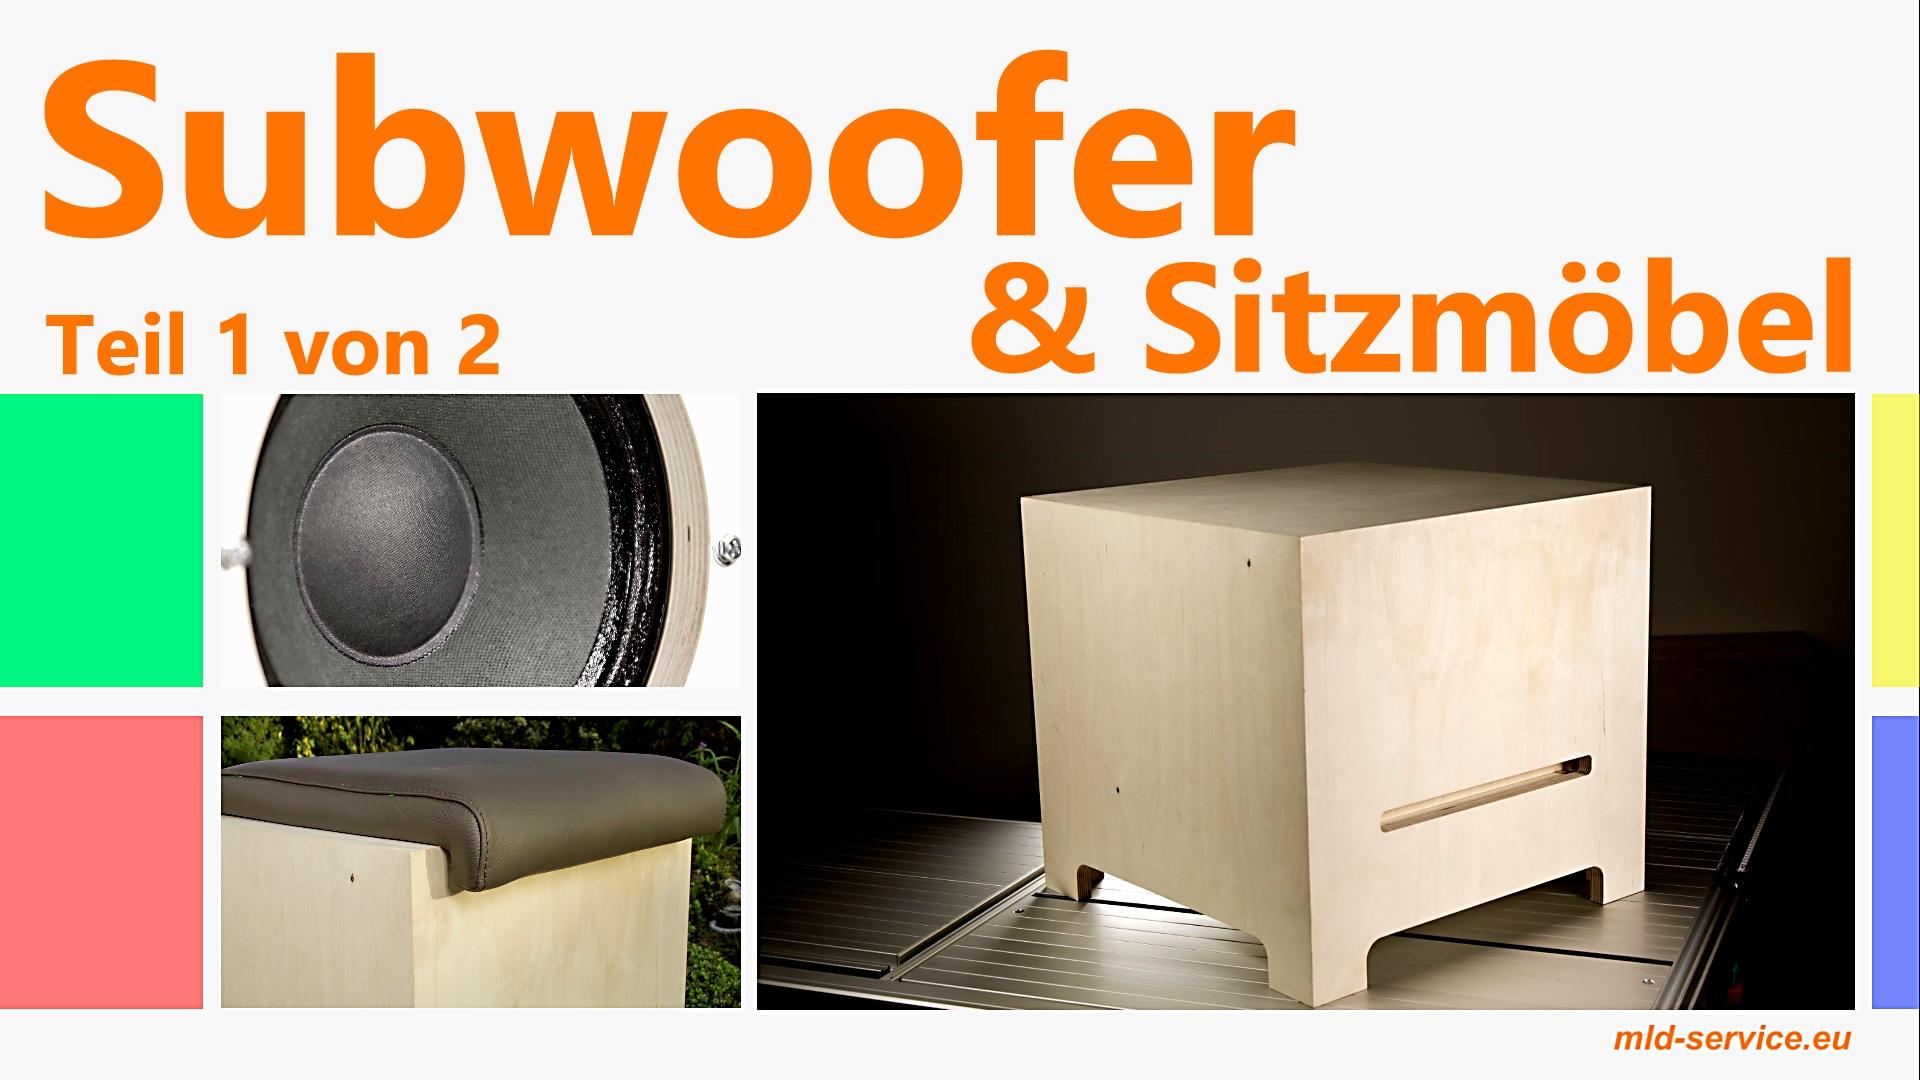 Subwoofer und Design-Sitzmöbel selber bauen - Teile 1